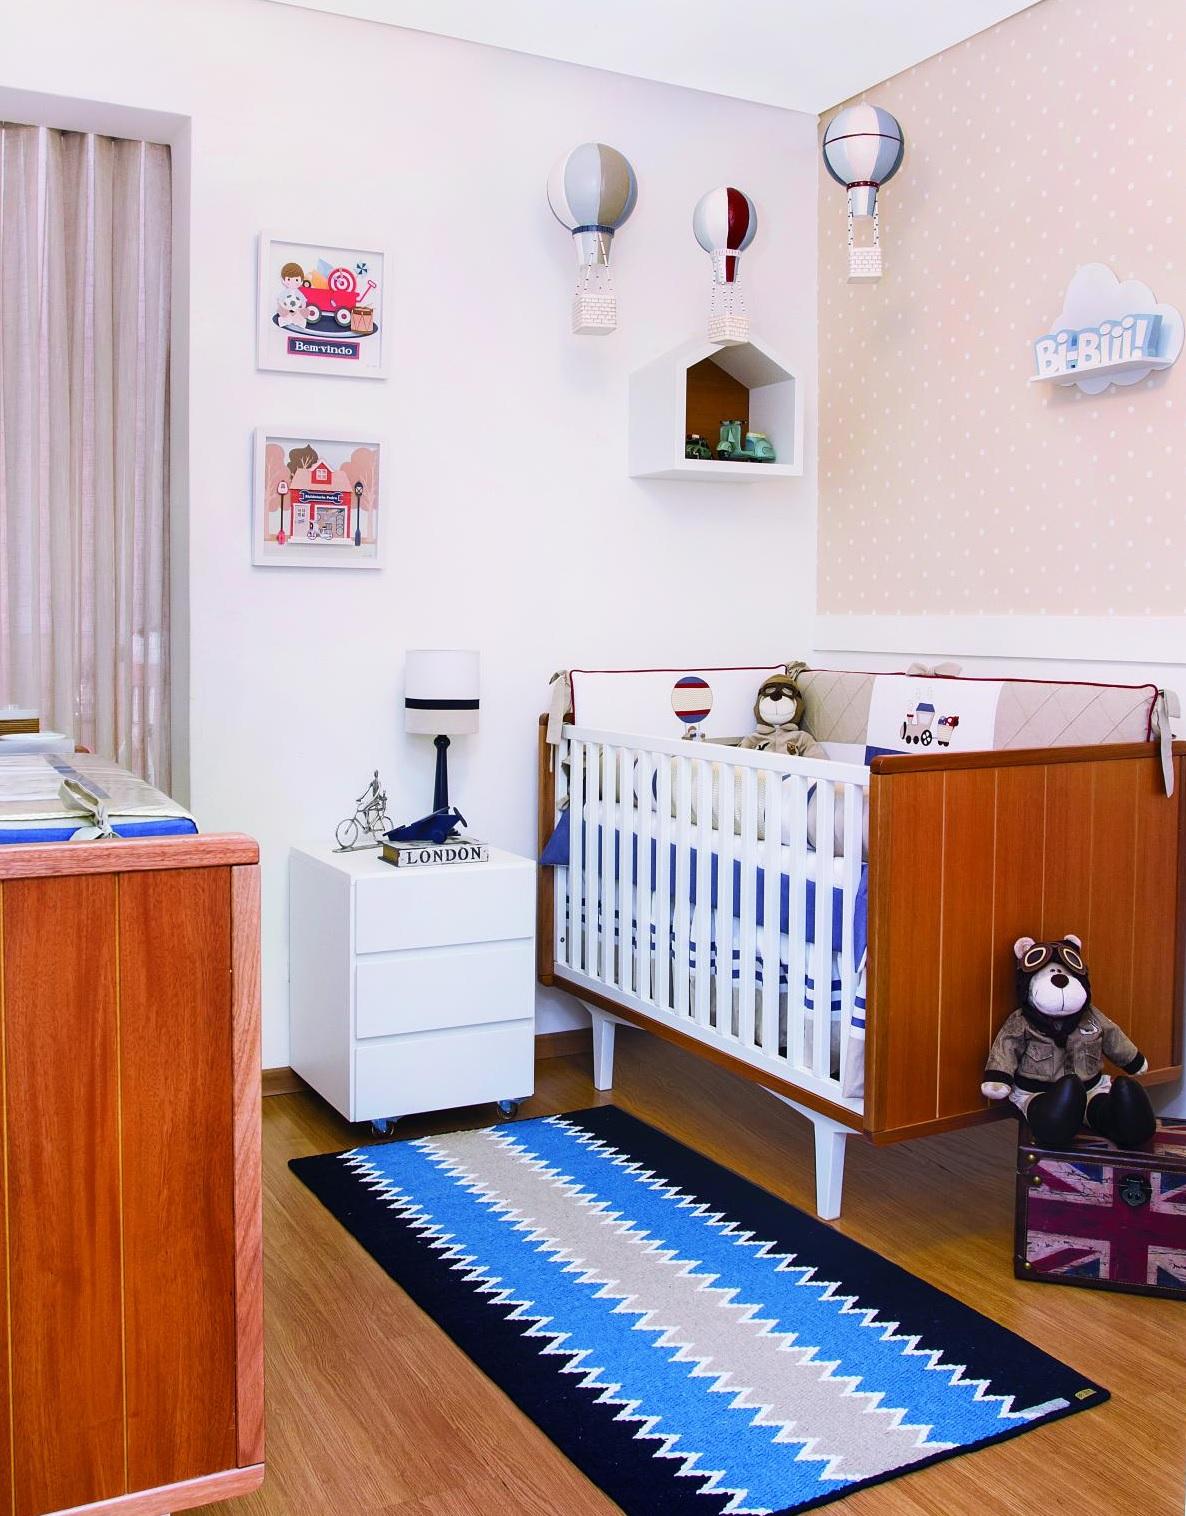 Quarto Tema Viagem Moderno E Charmoso Casa Ambiente Beb